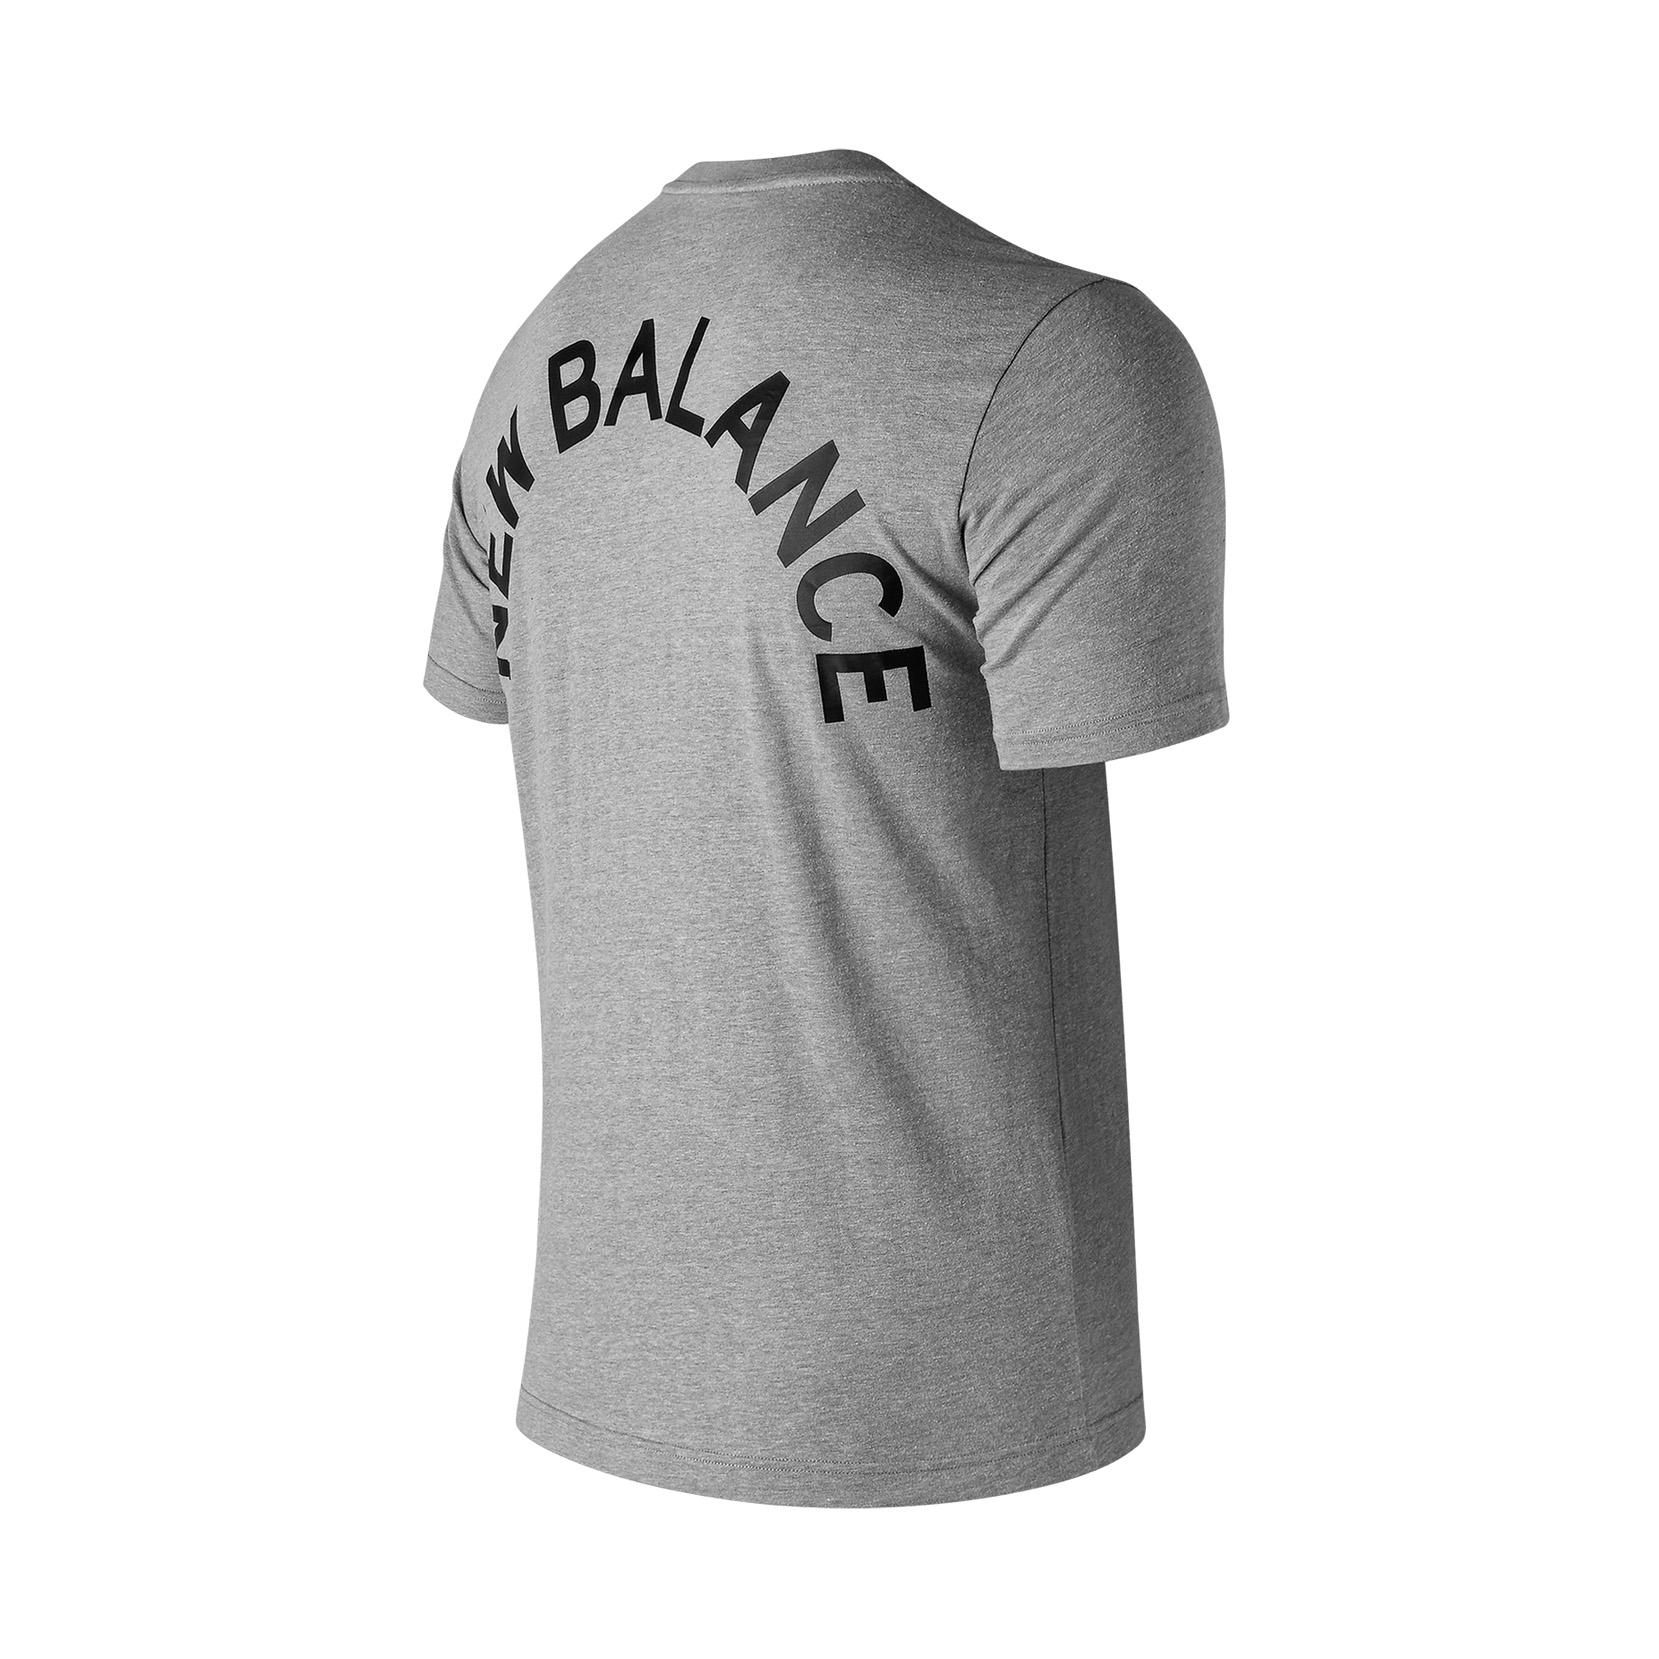 Футболка NB Arch Graphic Tee для чоловіків MT91924AGM | New Balance